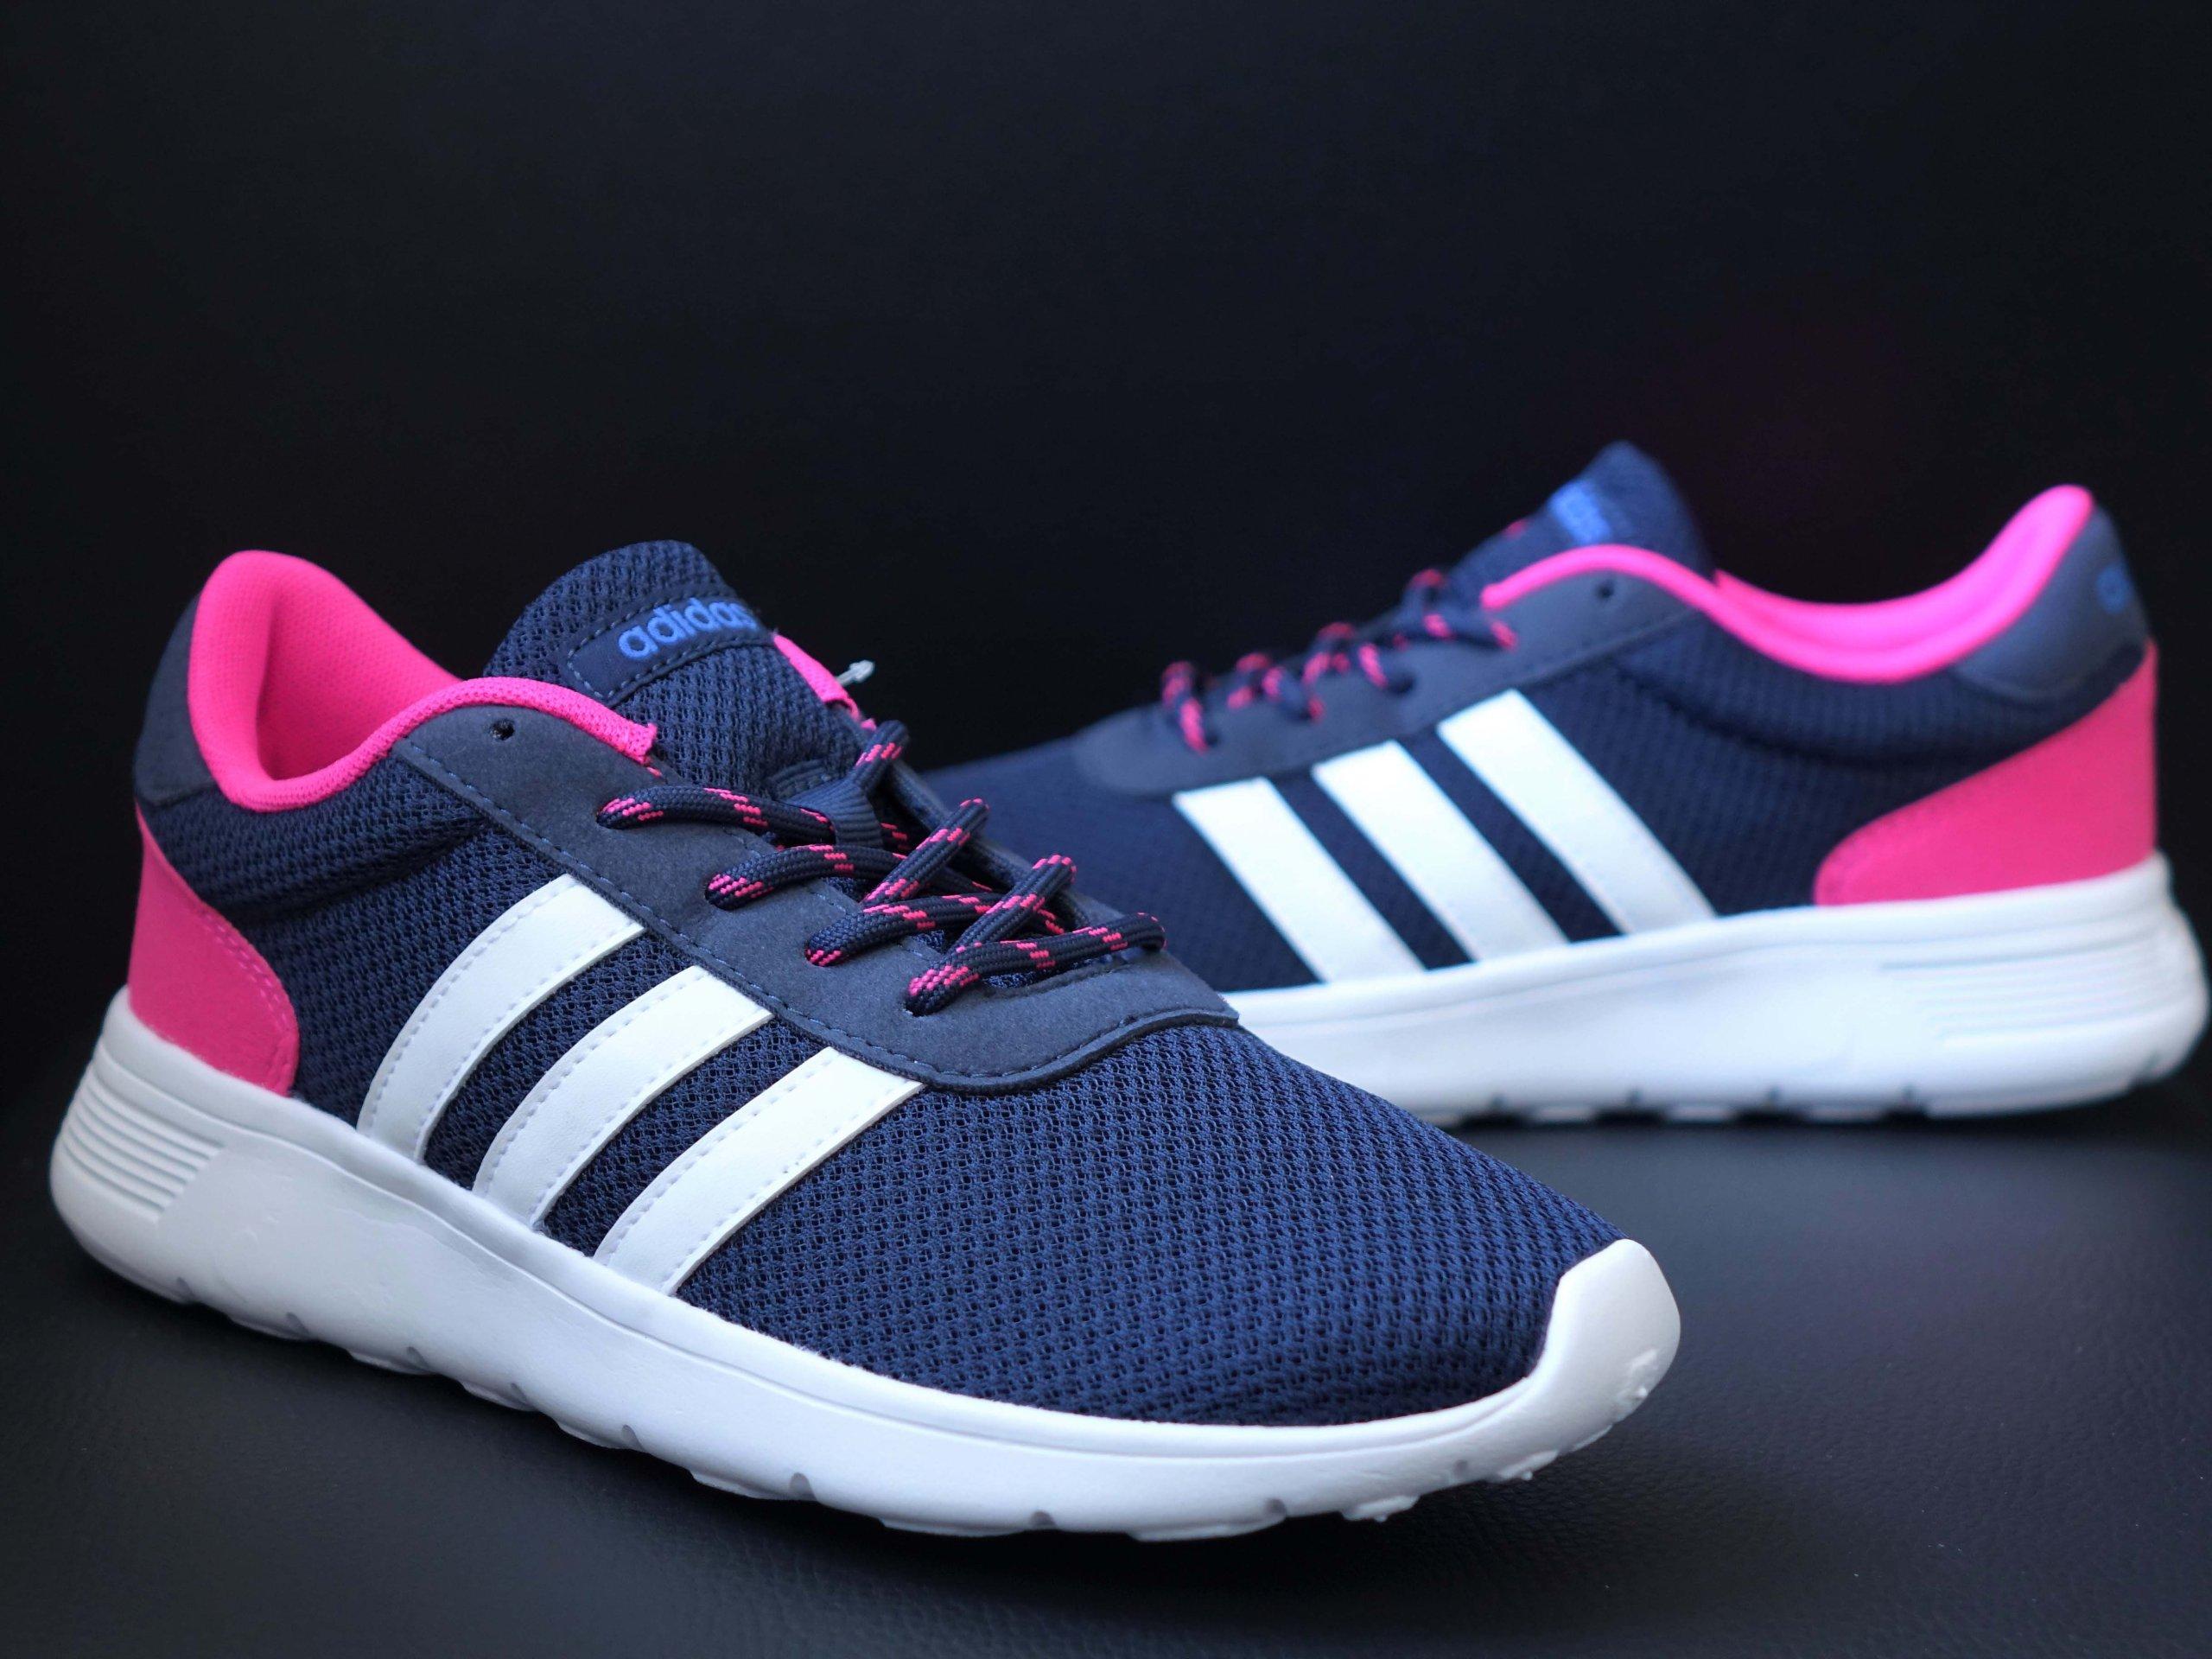 Adidas lite racer k Moda Ceneo.pl strona 2